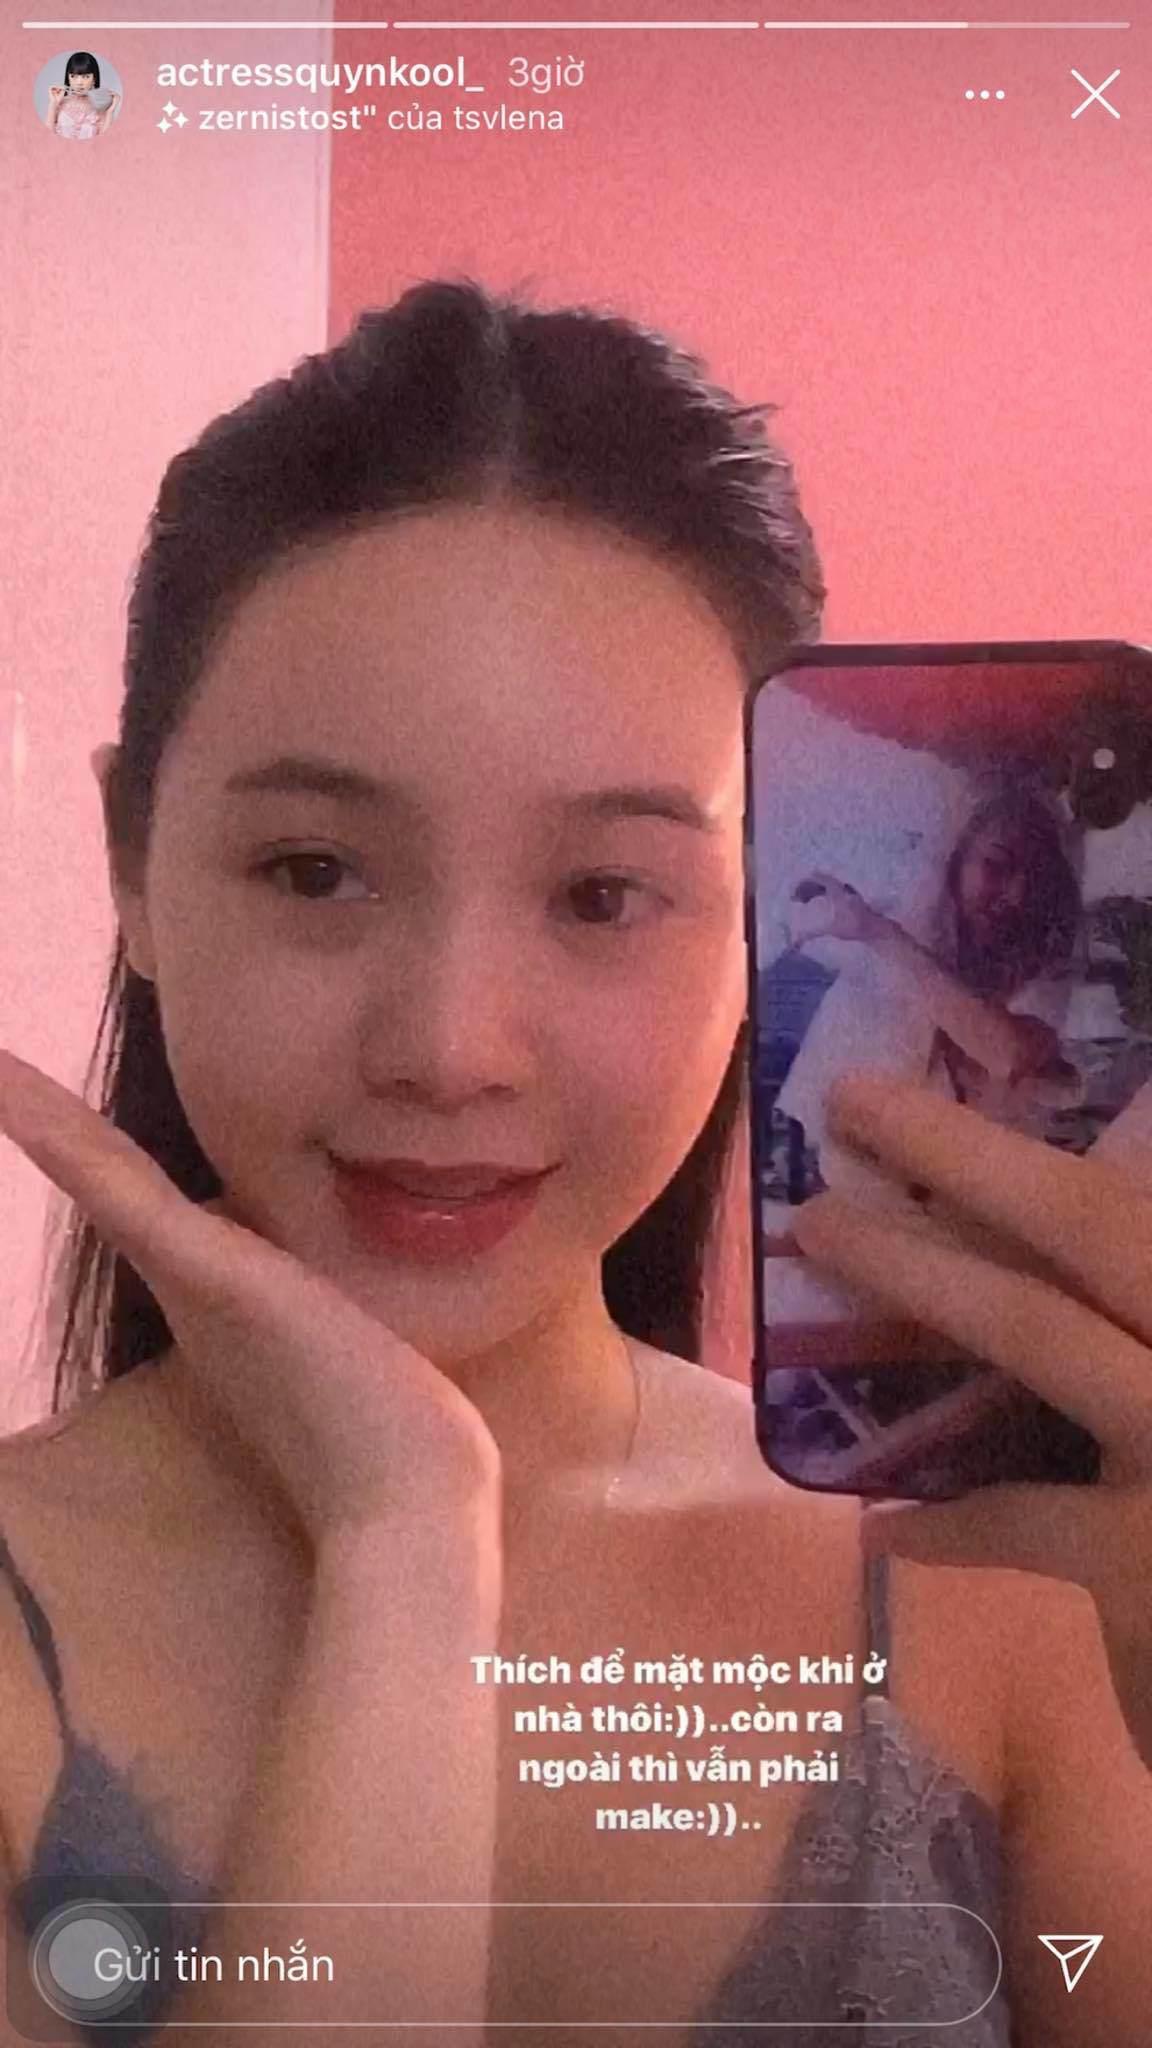 Quỳnh Kool ra ngoài trét 7749 lớp make-up nhưng khi để mặt mộc ai cũng đứng hình - 3